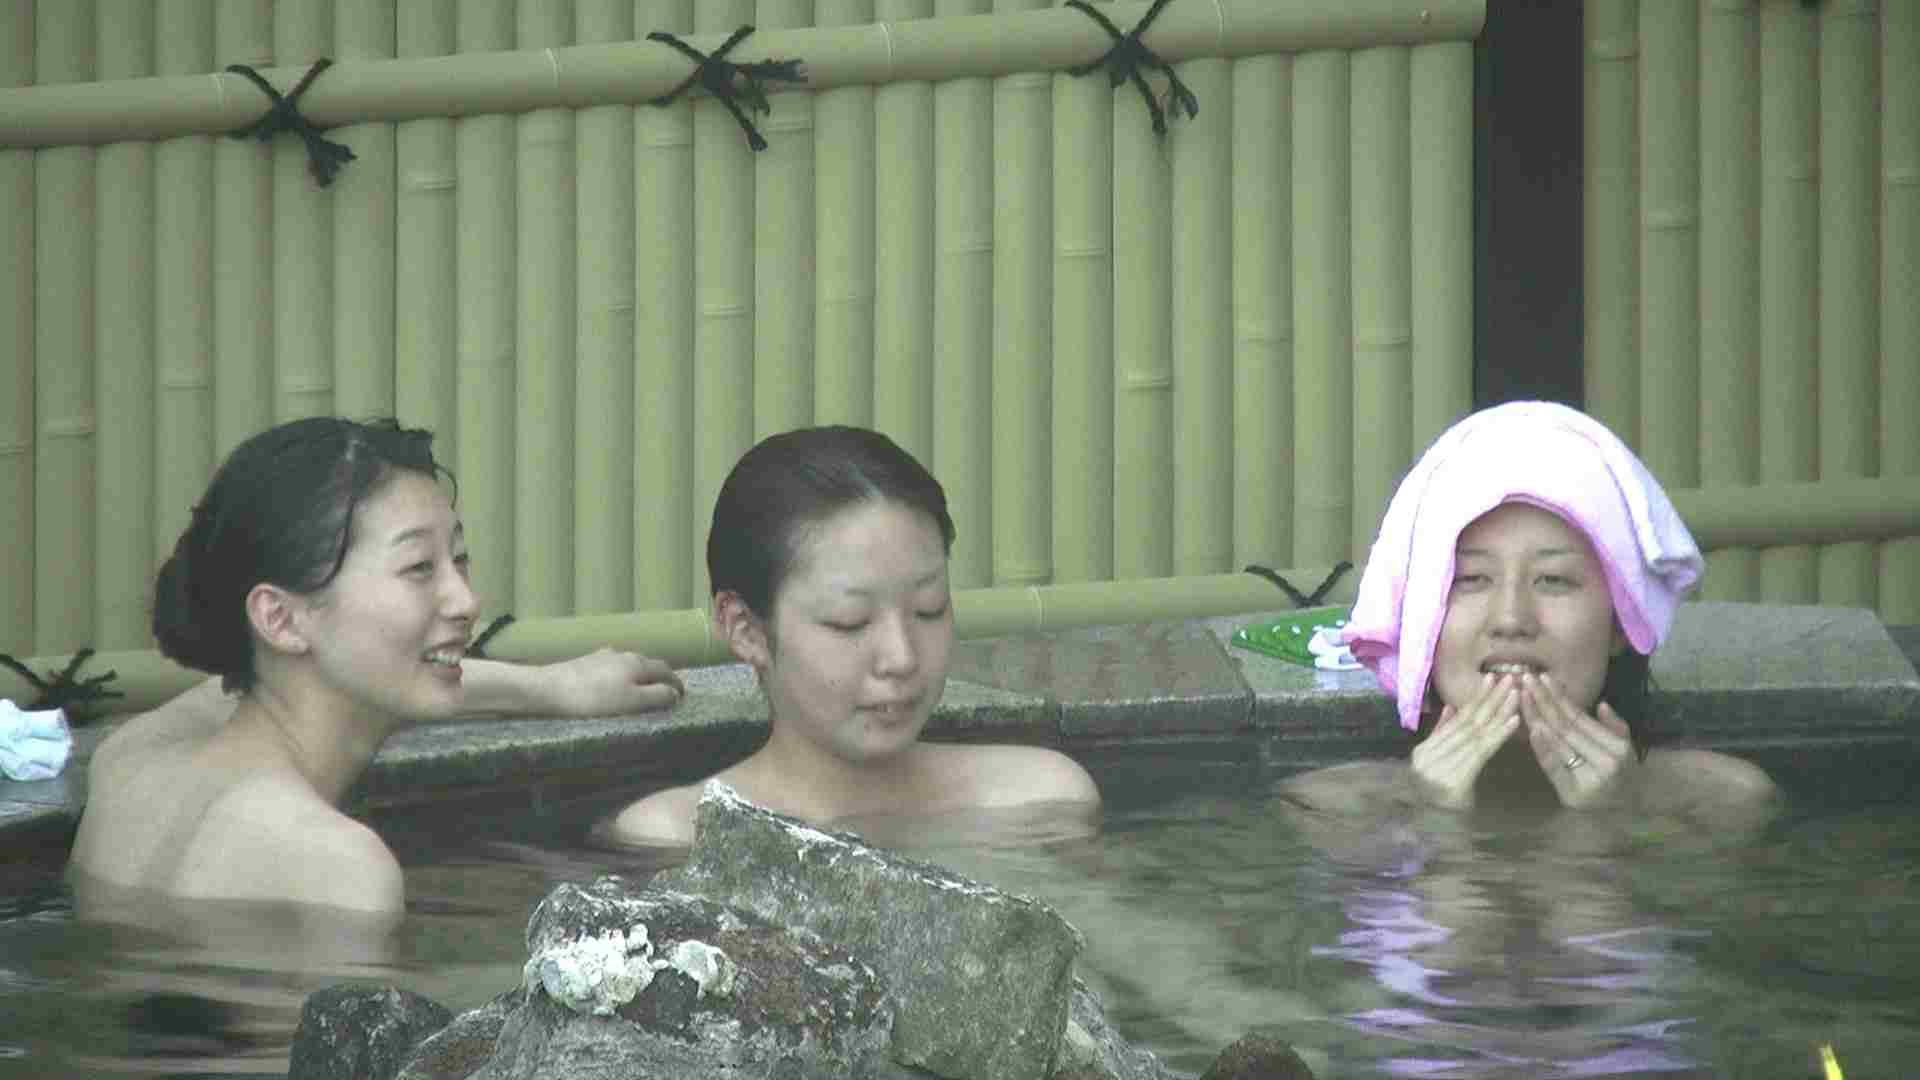 Aquaな露天風呂Vol.195 盗撮 | 露天  71画像 43